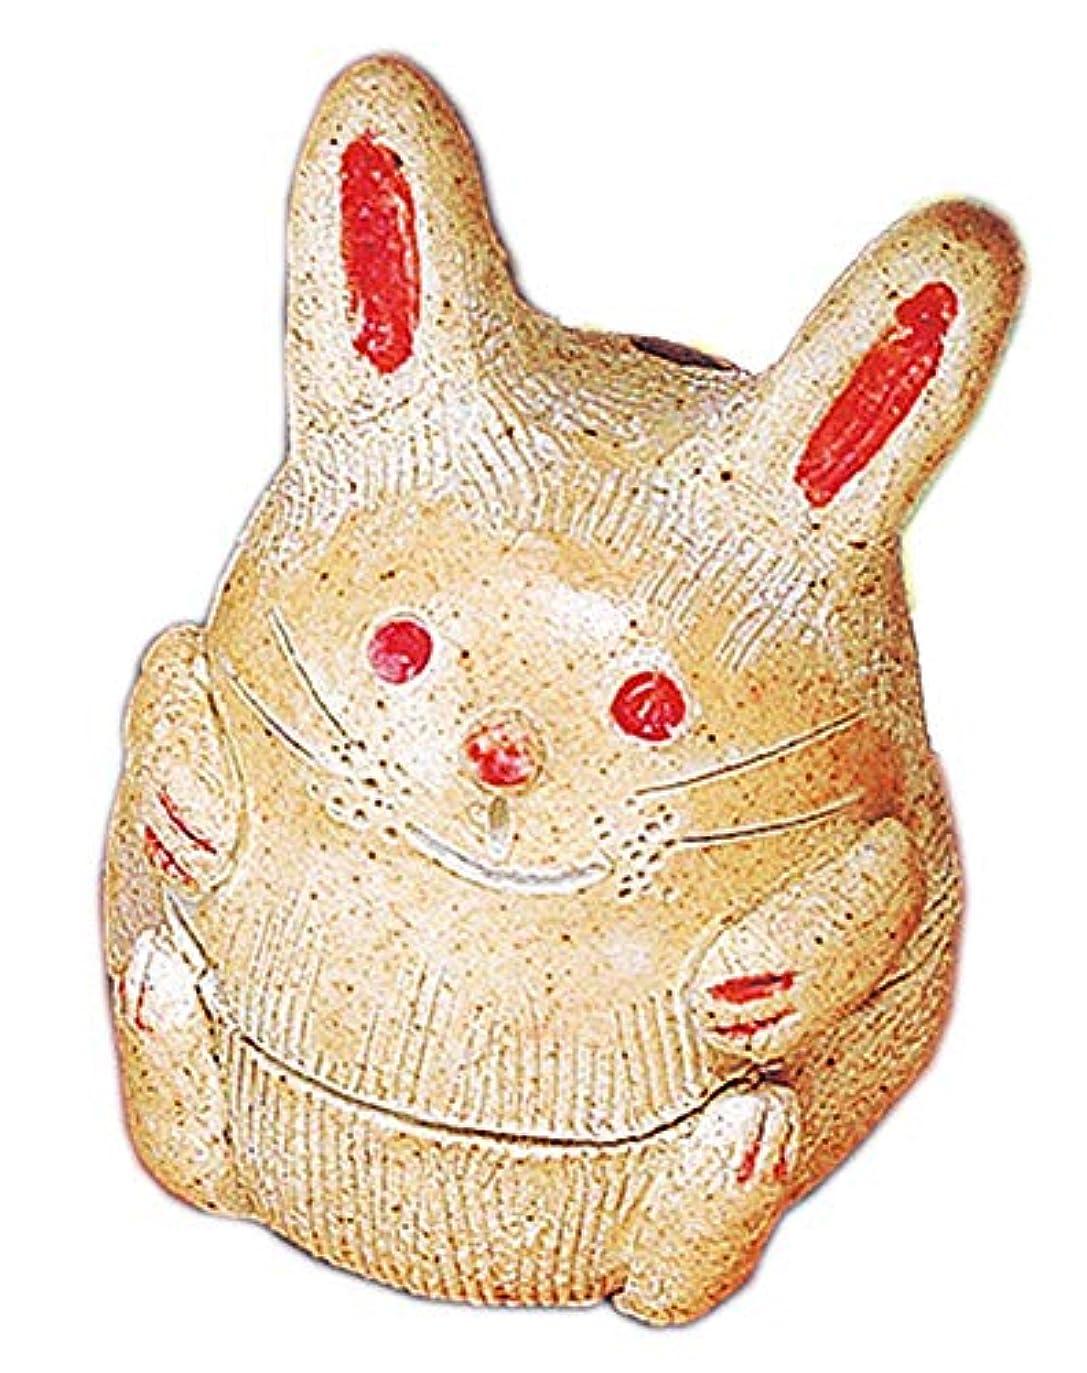 著者すり減る株式会社香炉 福ウサギ 香炉 [H8.5cm] HANDMADE プレゼント ギフト 和食器 かわいい インテリア